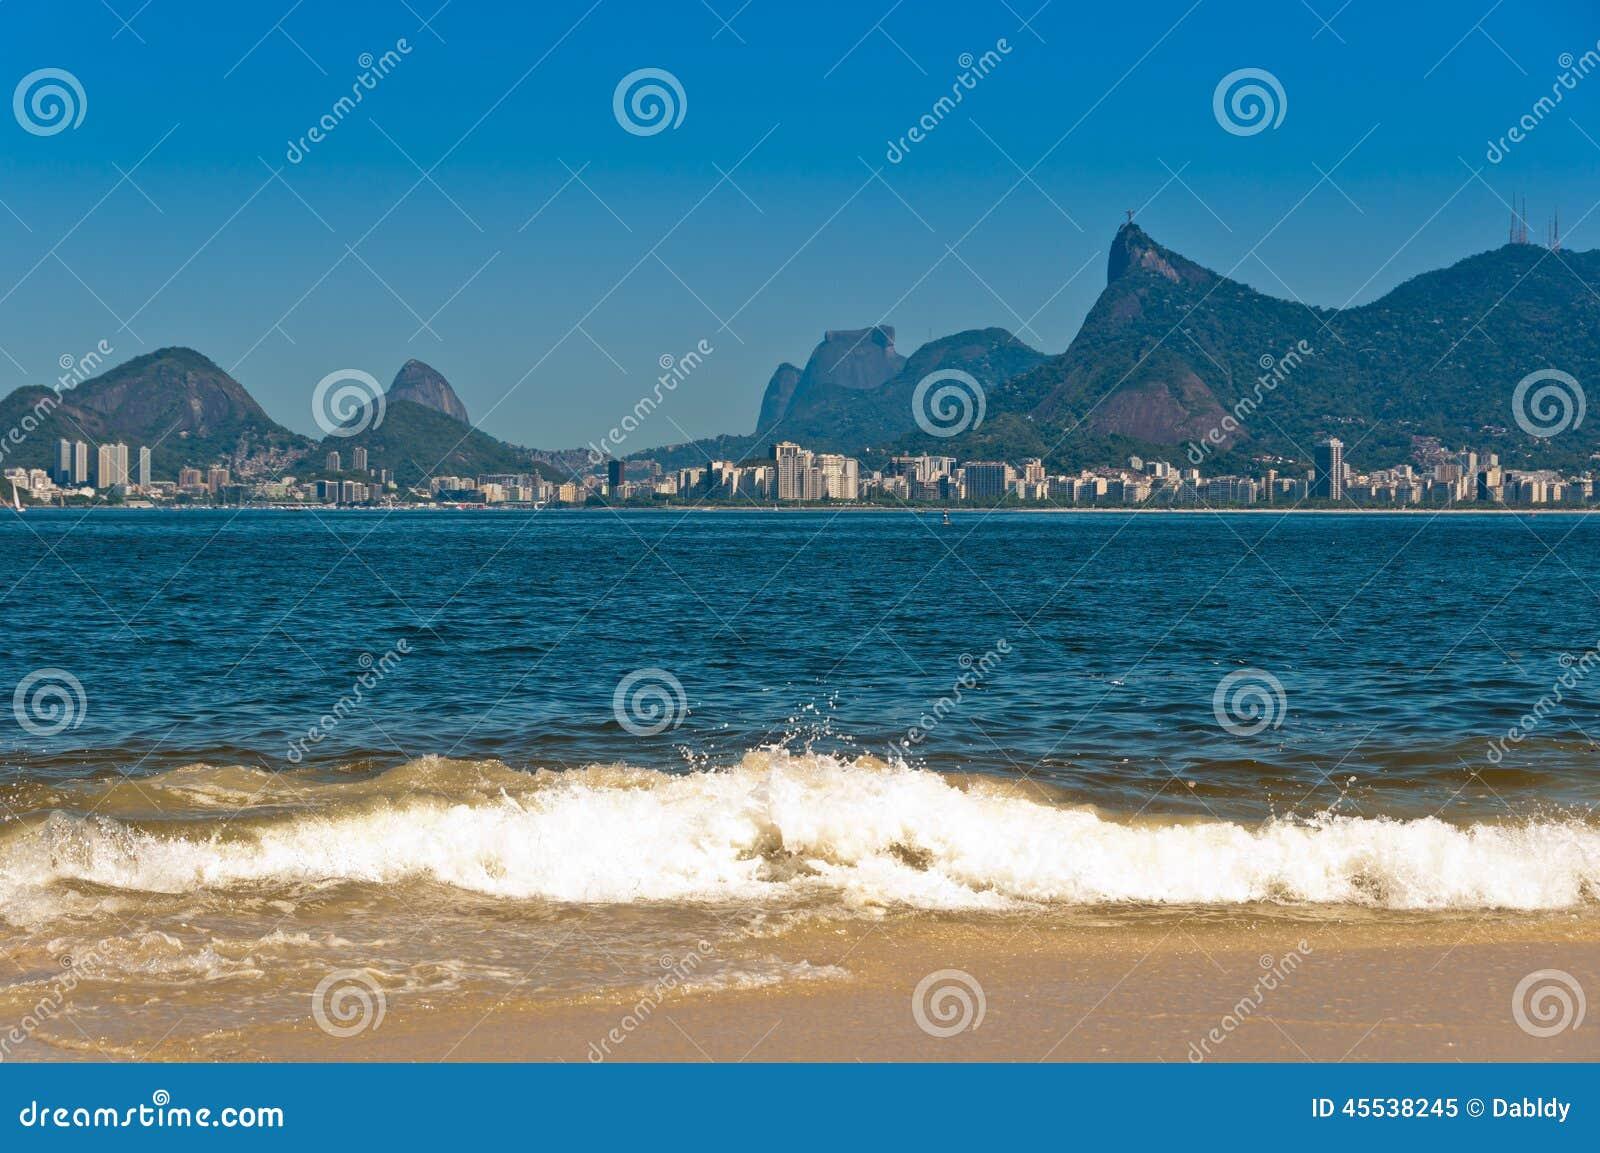 Rio de Janeiro Landscape and Beach